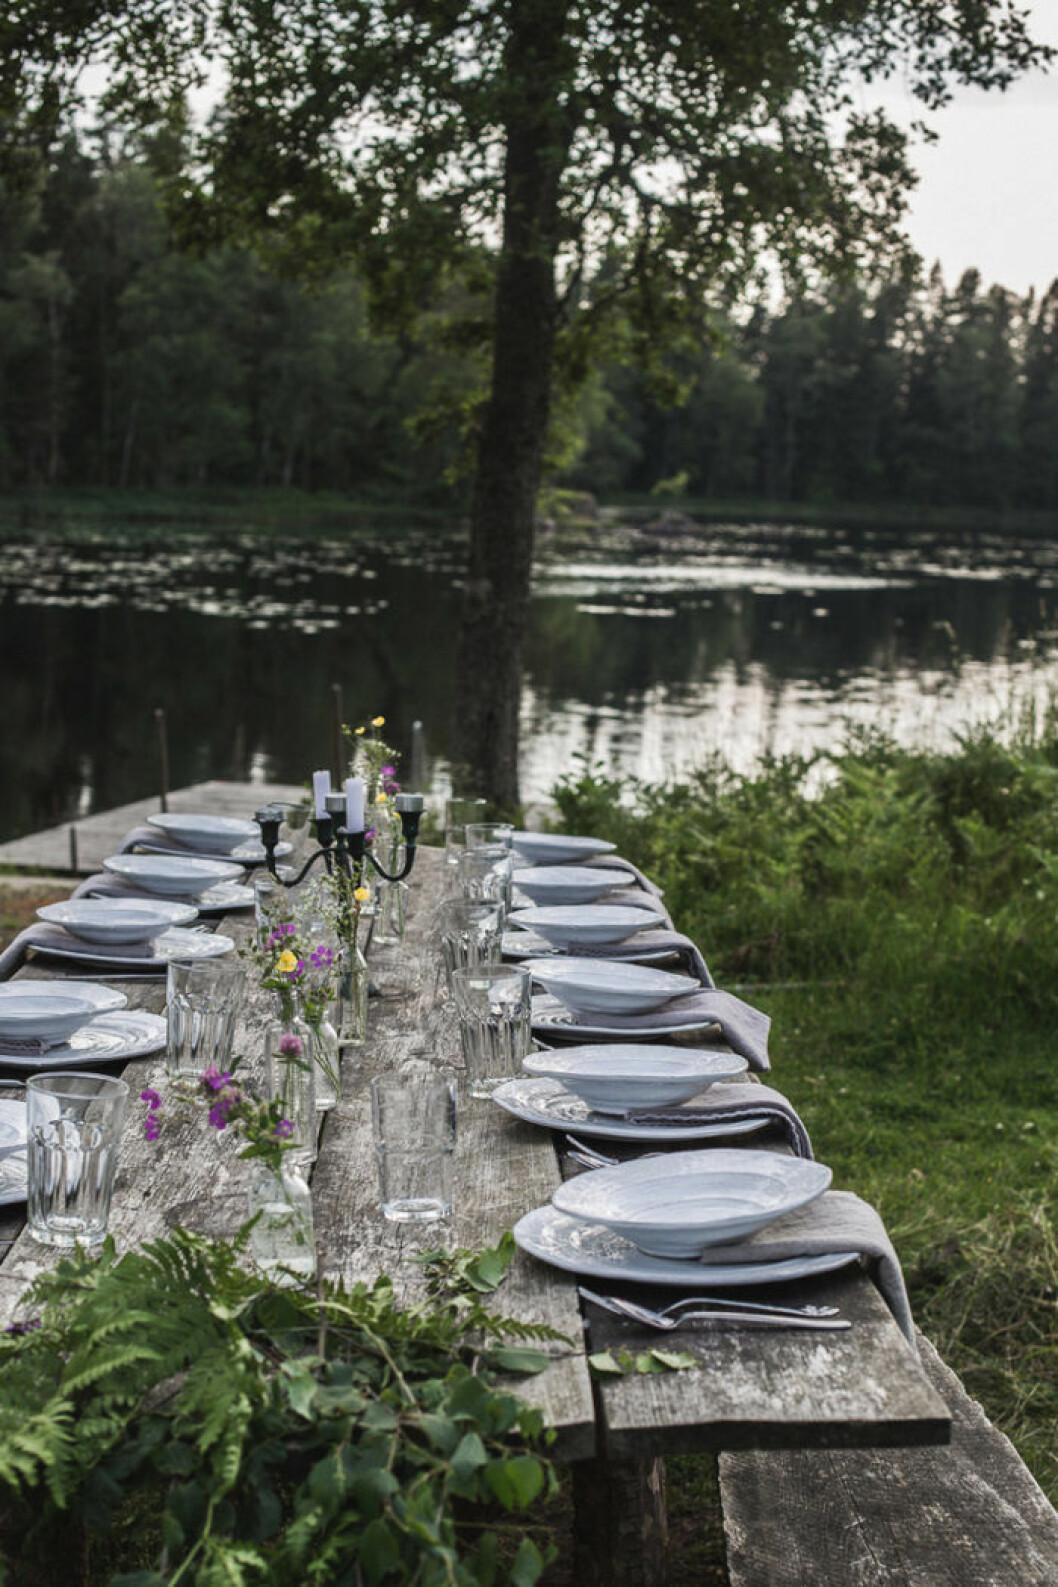 ett rustikt bord intill sjön